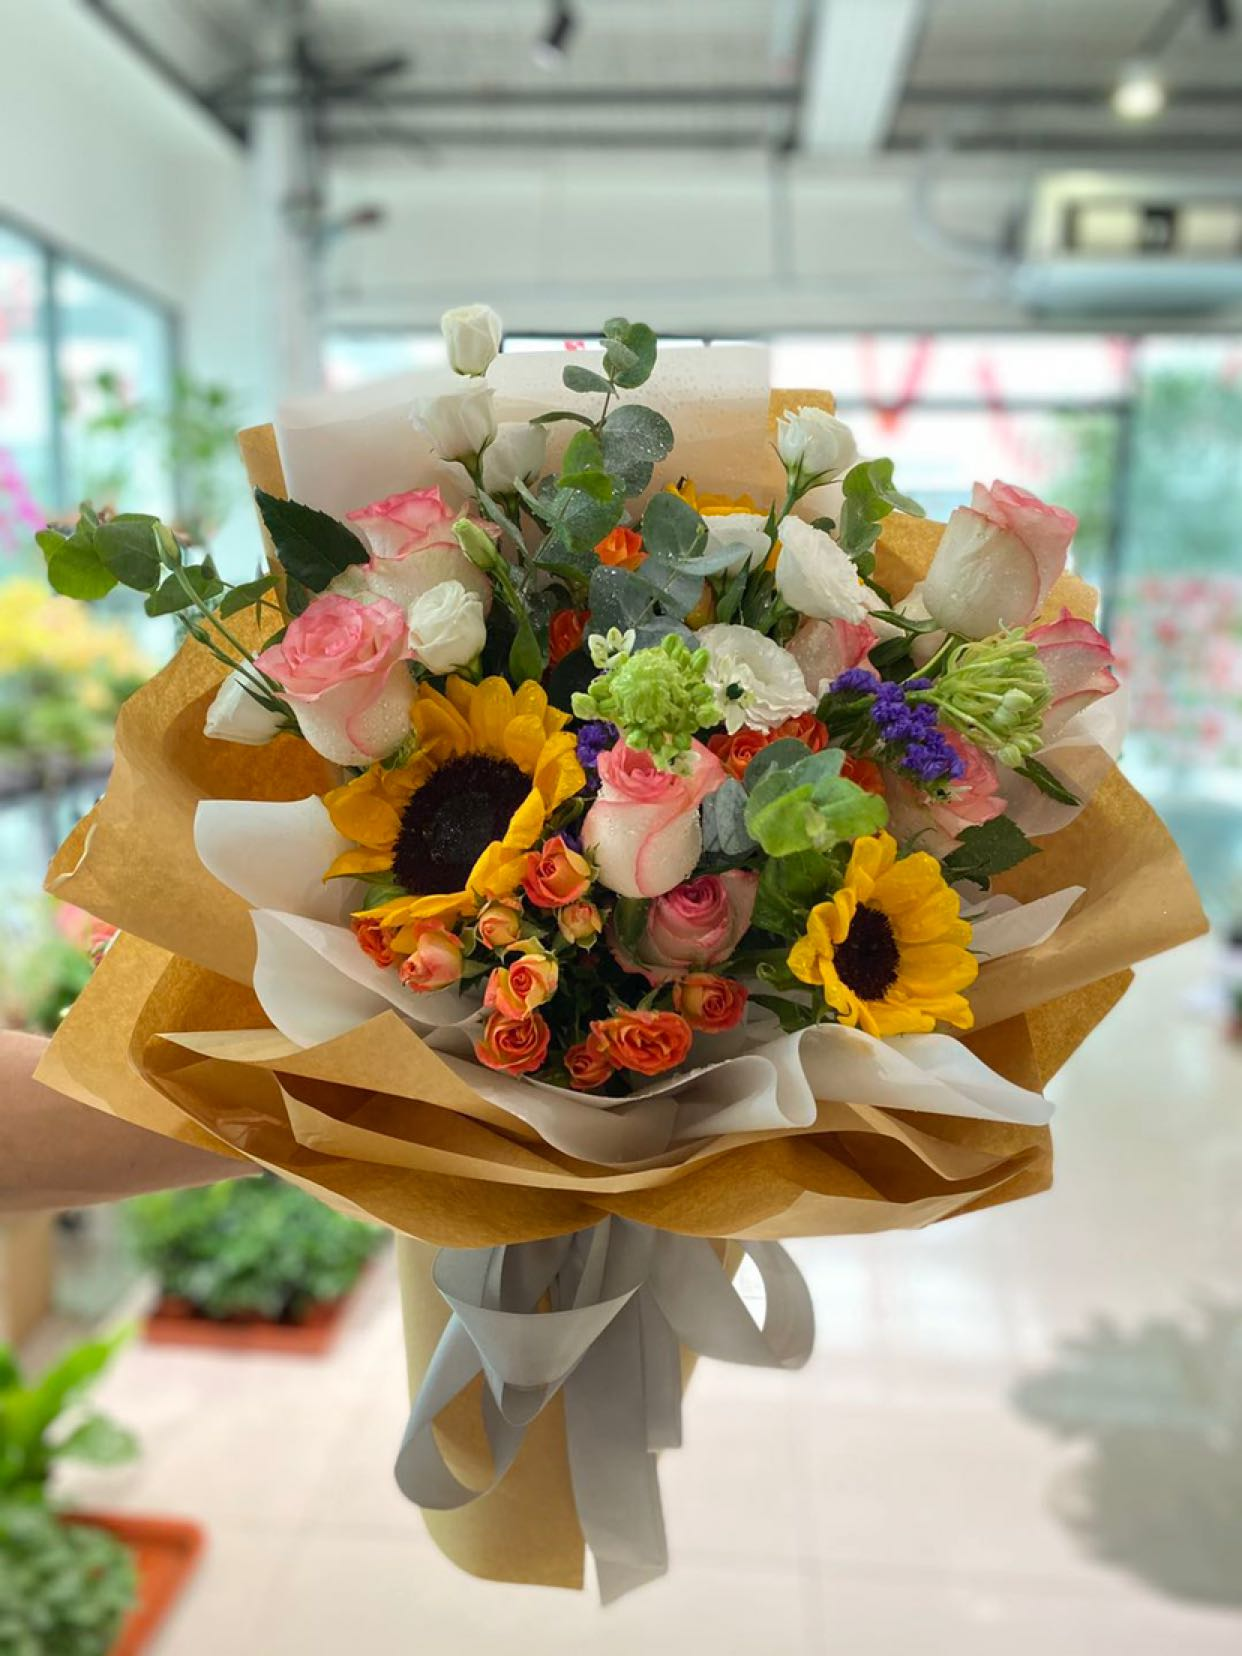 北京朝阳区伊美芬芳花卉